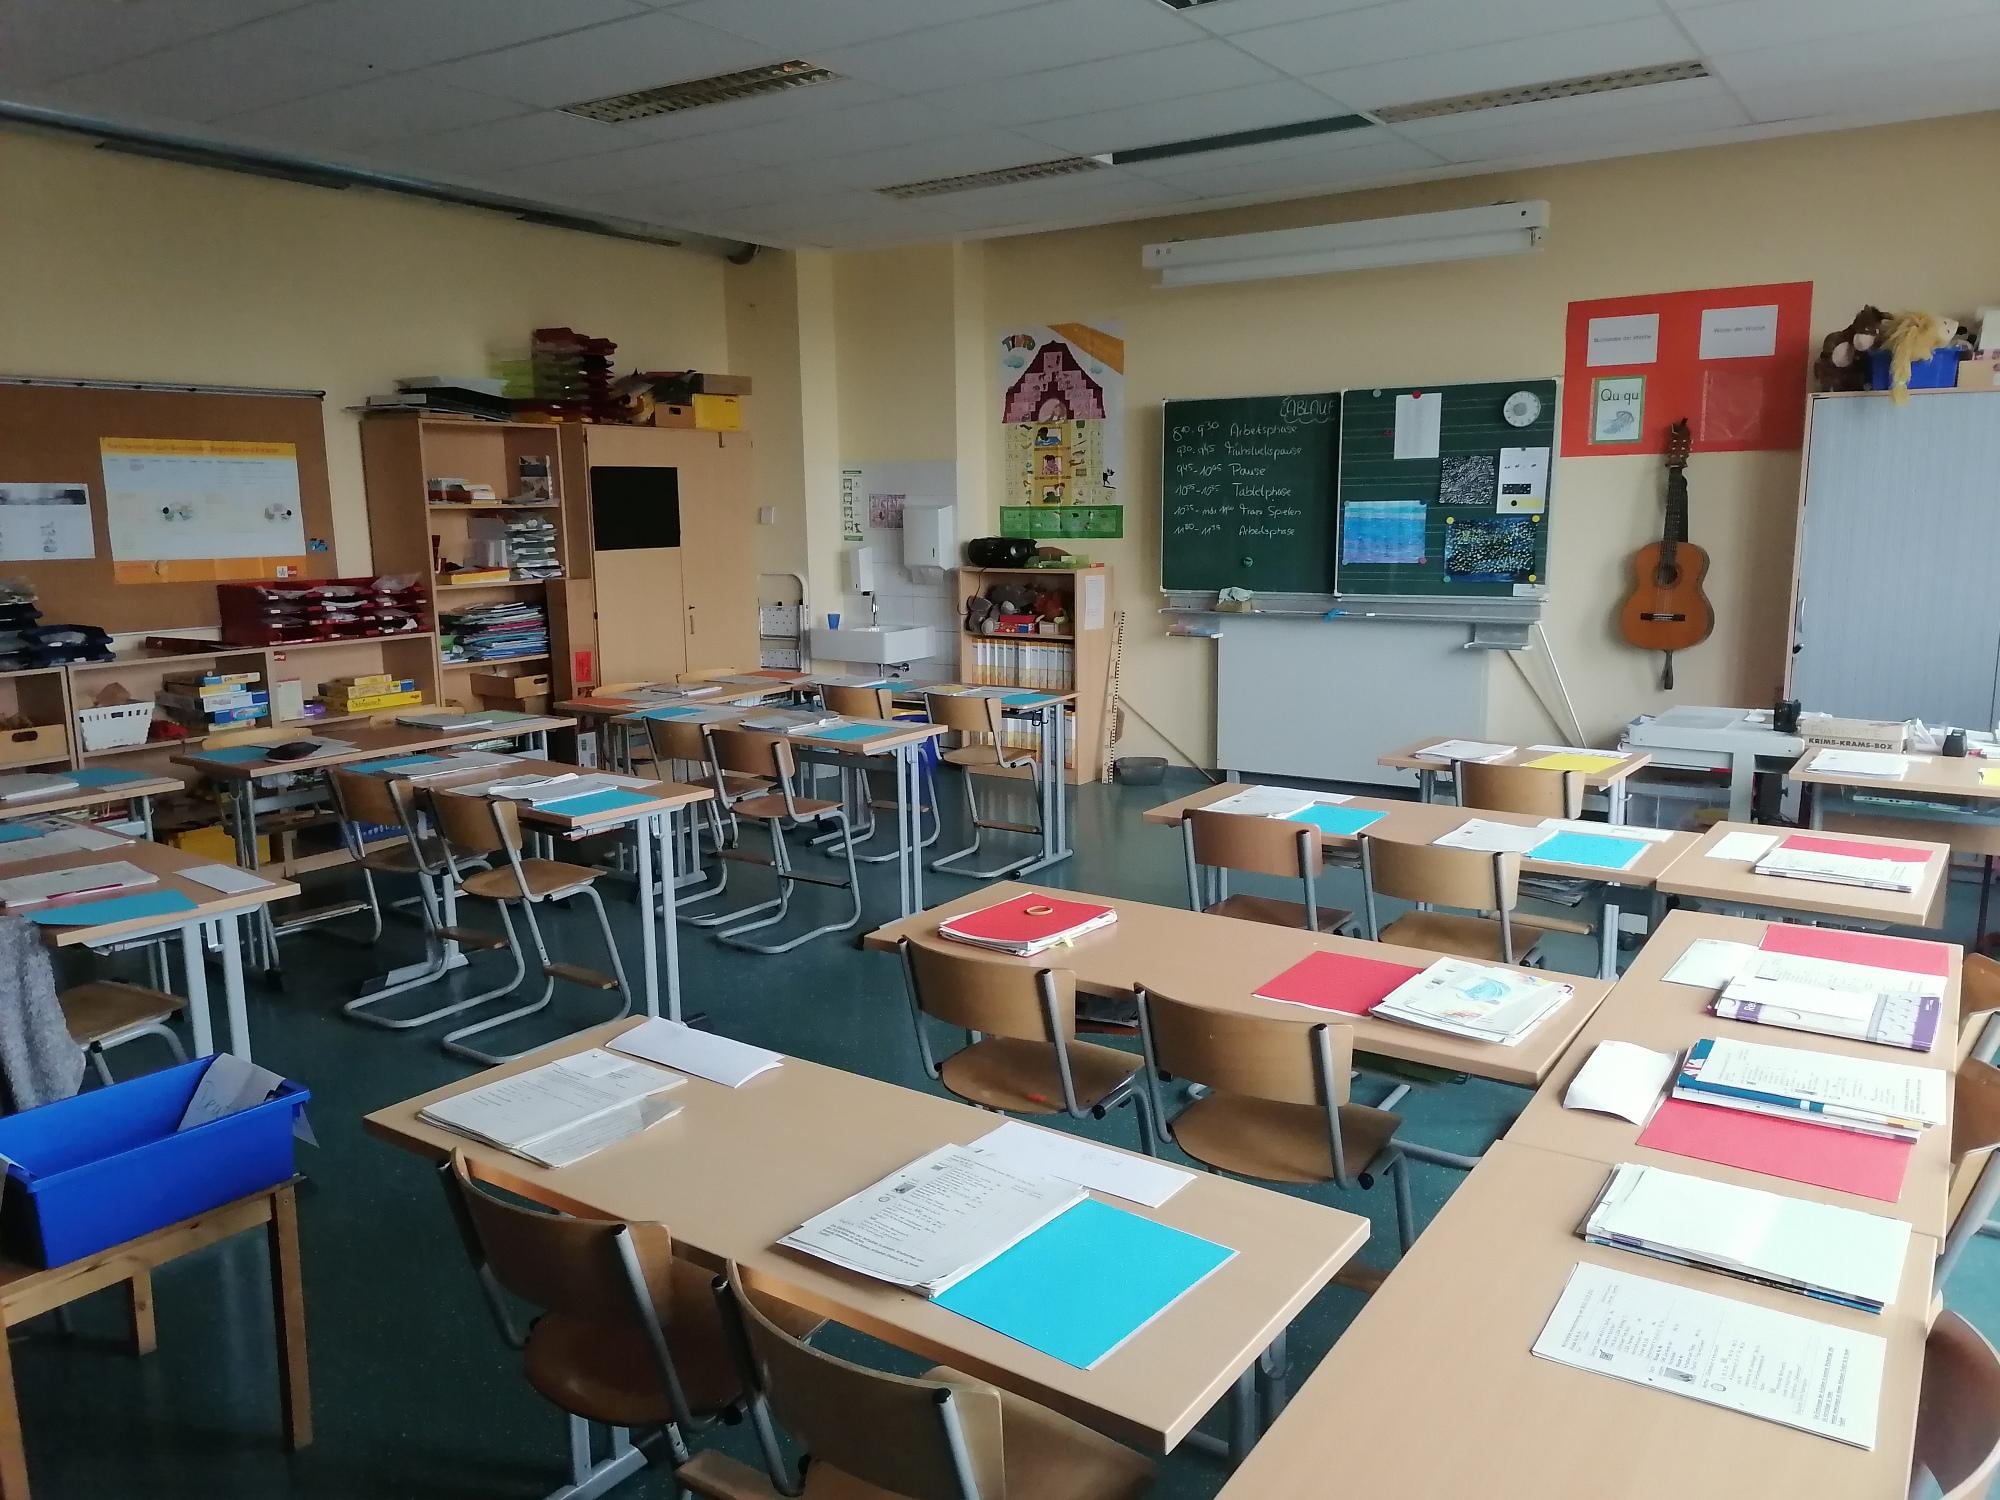 Klassenraum Neubau Erdgeschoss